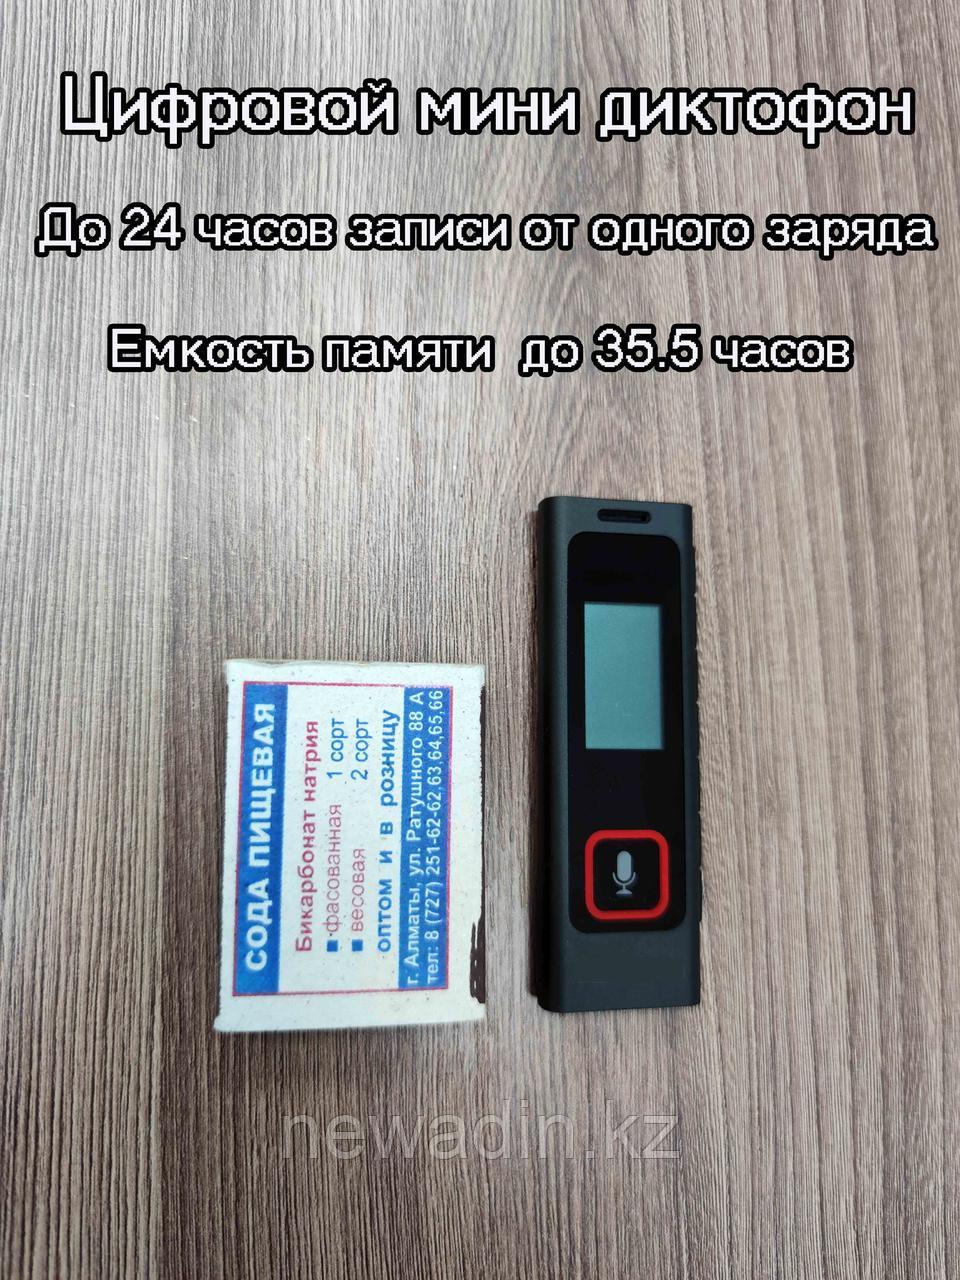 Мини цифровой диктофон с функцией активации записи по голосу